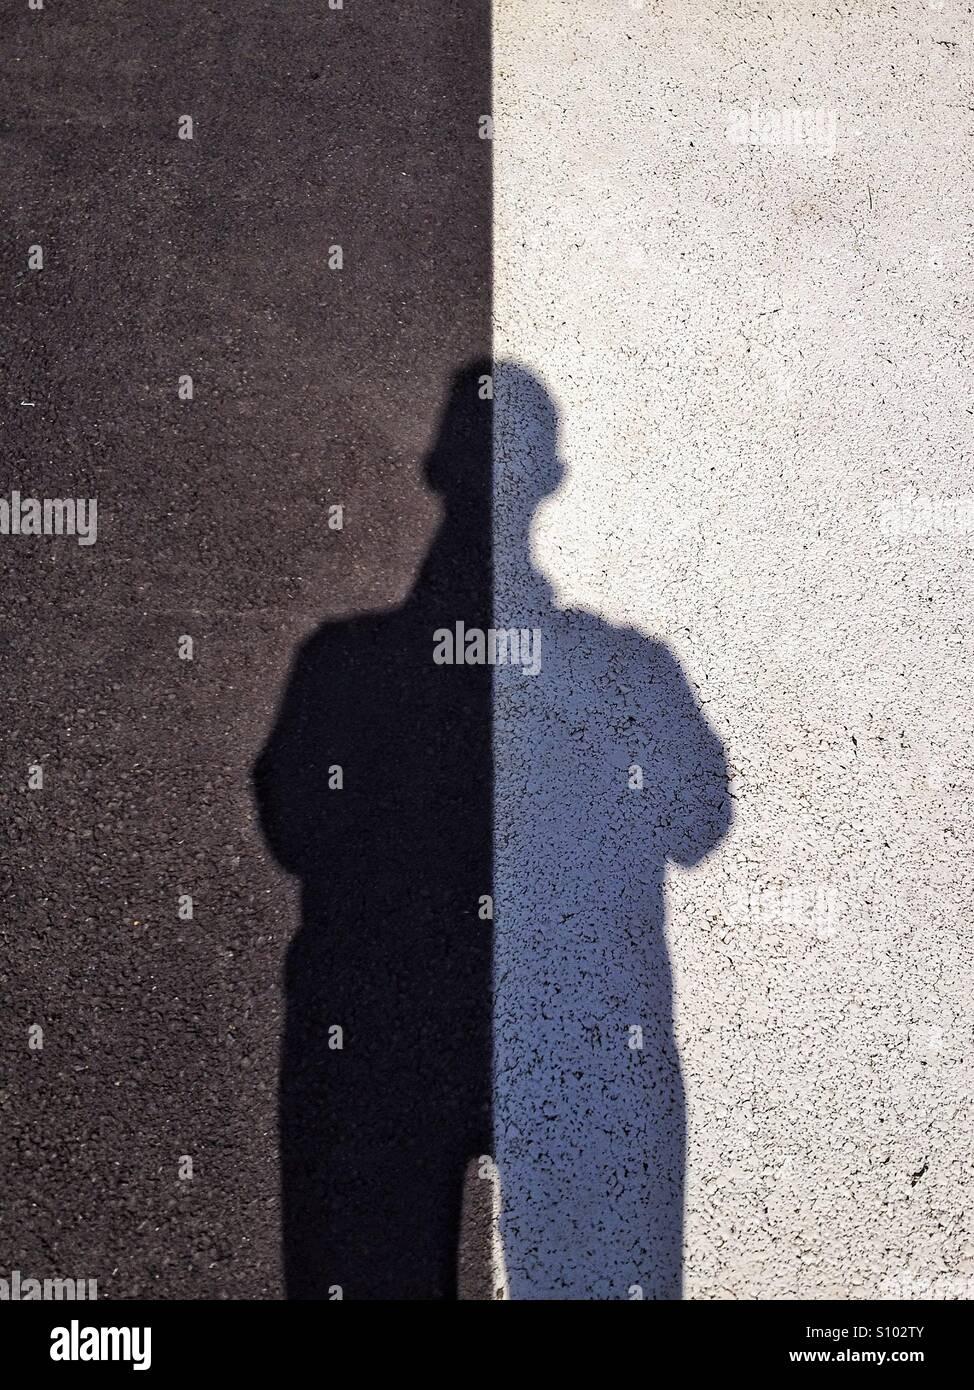 Uomo ombra sulle due superficie di tono Immagini Stock